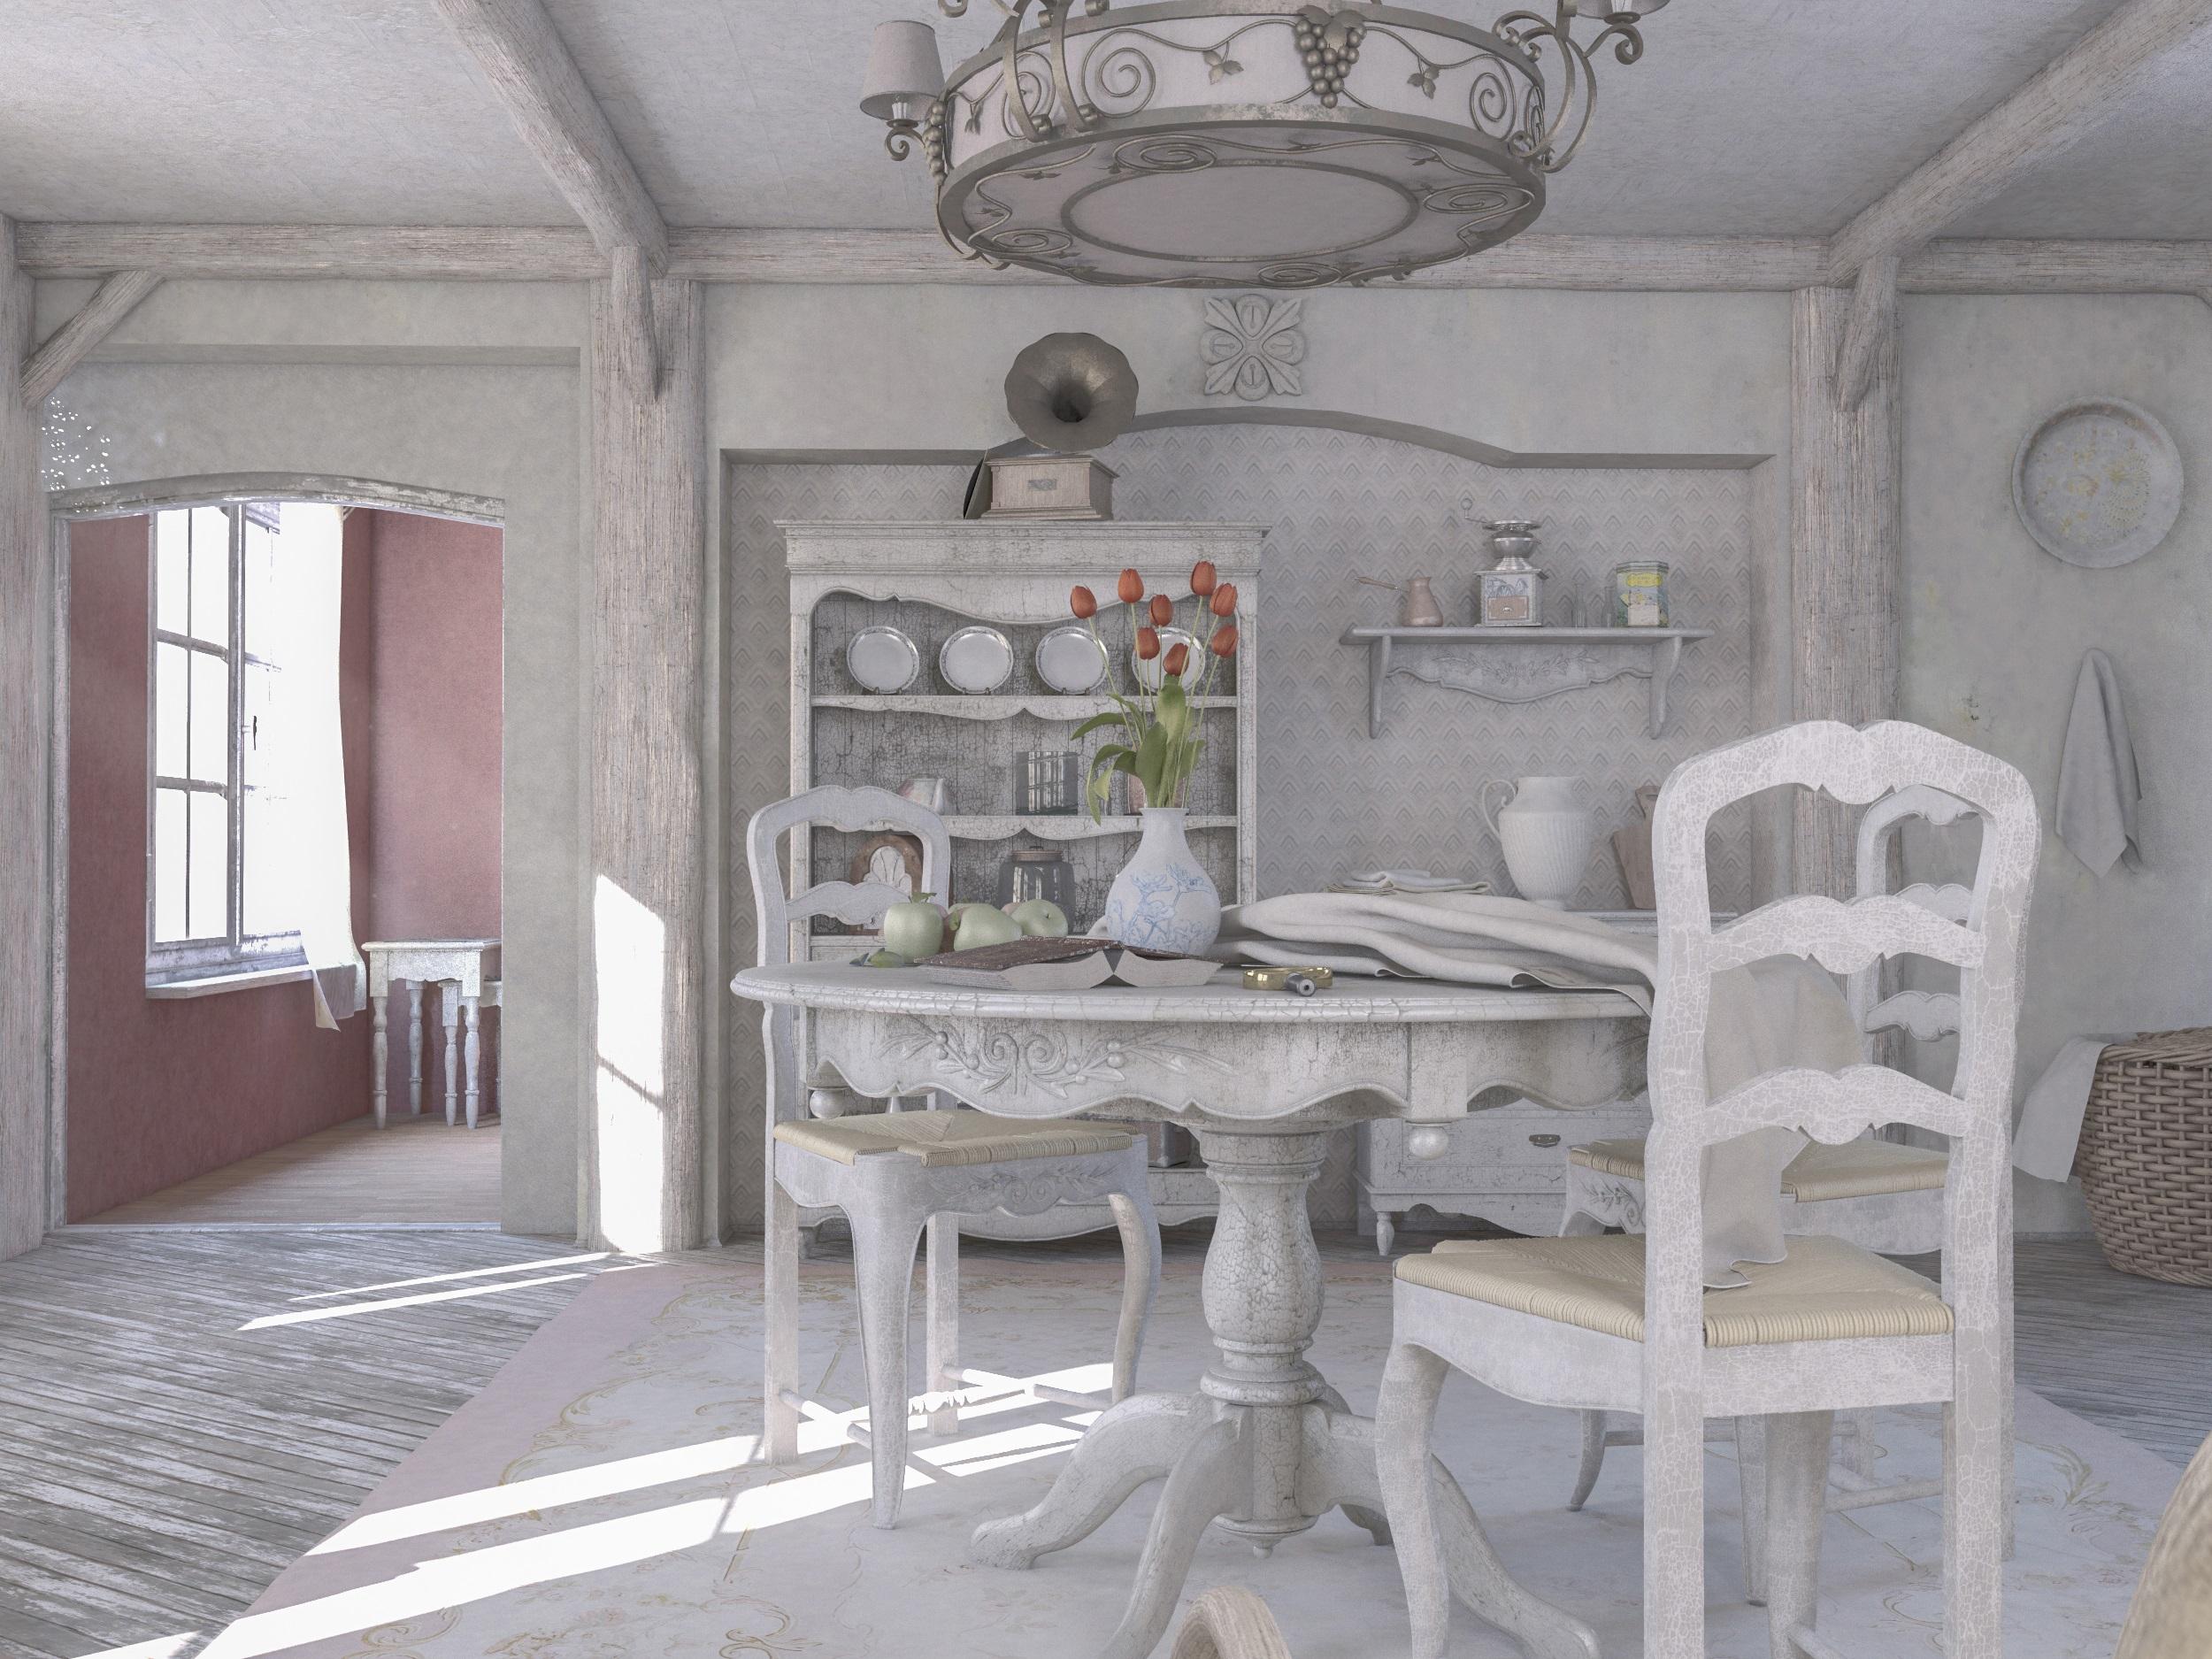 стол в интерьере в стиле прованс фото